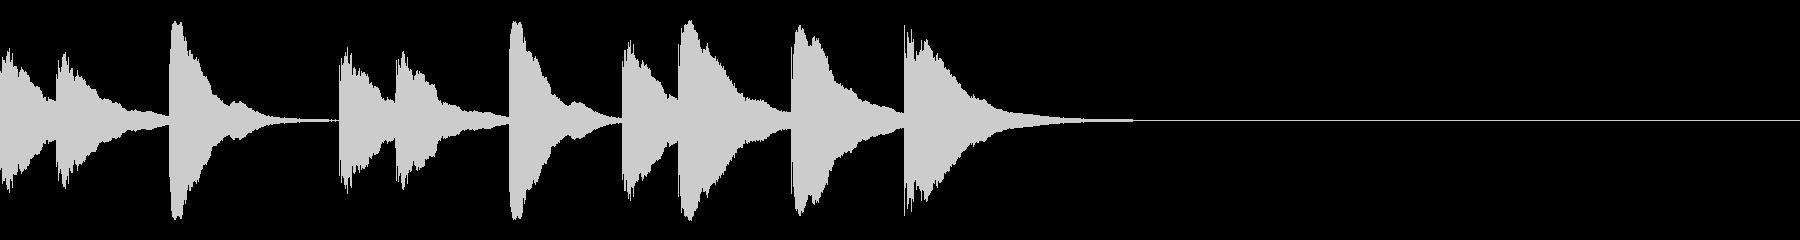 木琴の短い3秒ジングルの未再生の波形